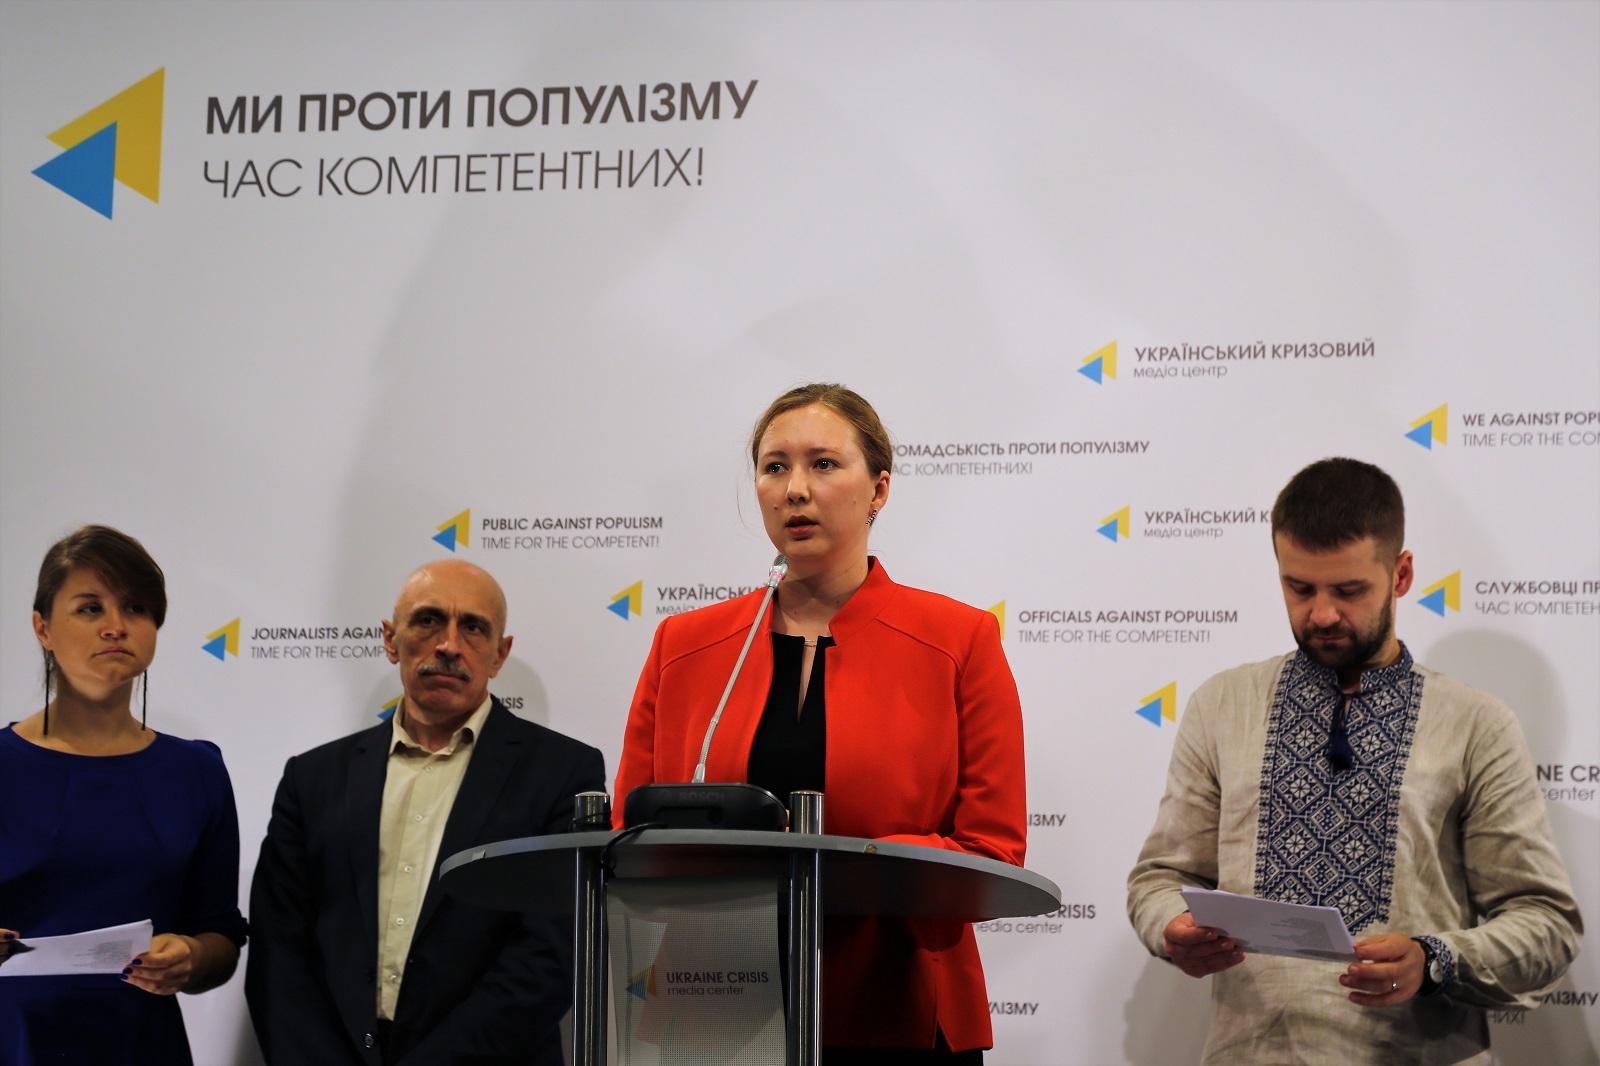 Запровадження додаткової податкової звітності для ГО є безпідставним, – Ольга Скрипник